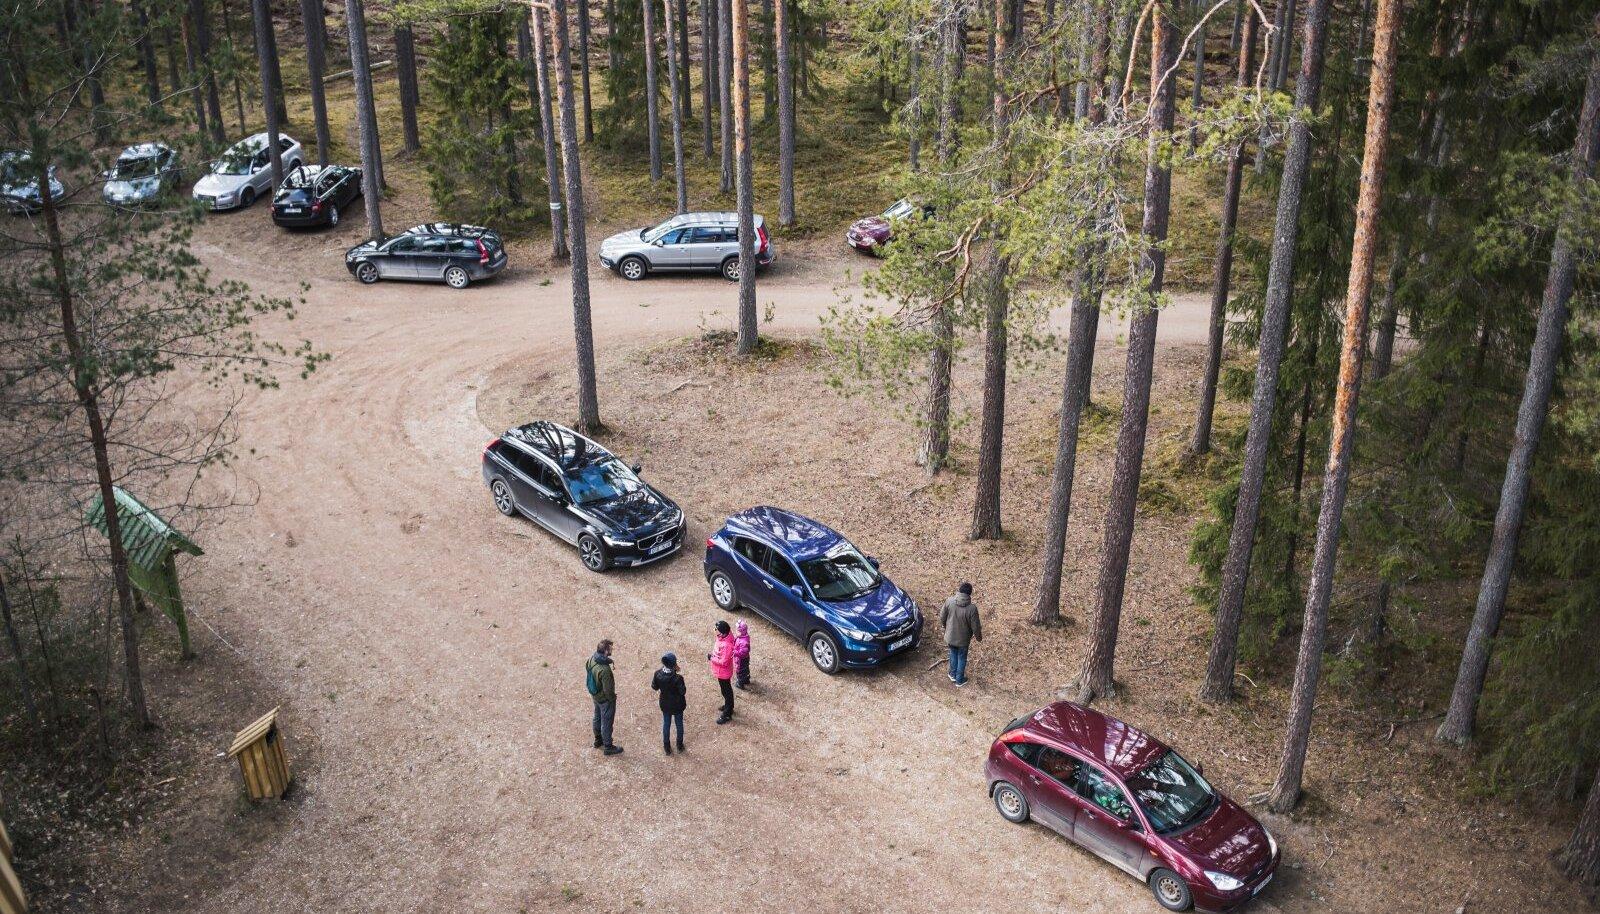 Inimesed on liikunud Tallinna ärikvartalitest metsaradadele. Seda näitavad ka liiklustiheduse ja mobiilside kasutuse andmed.